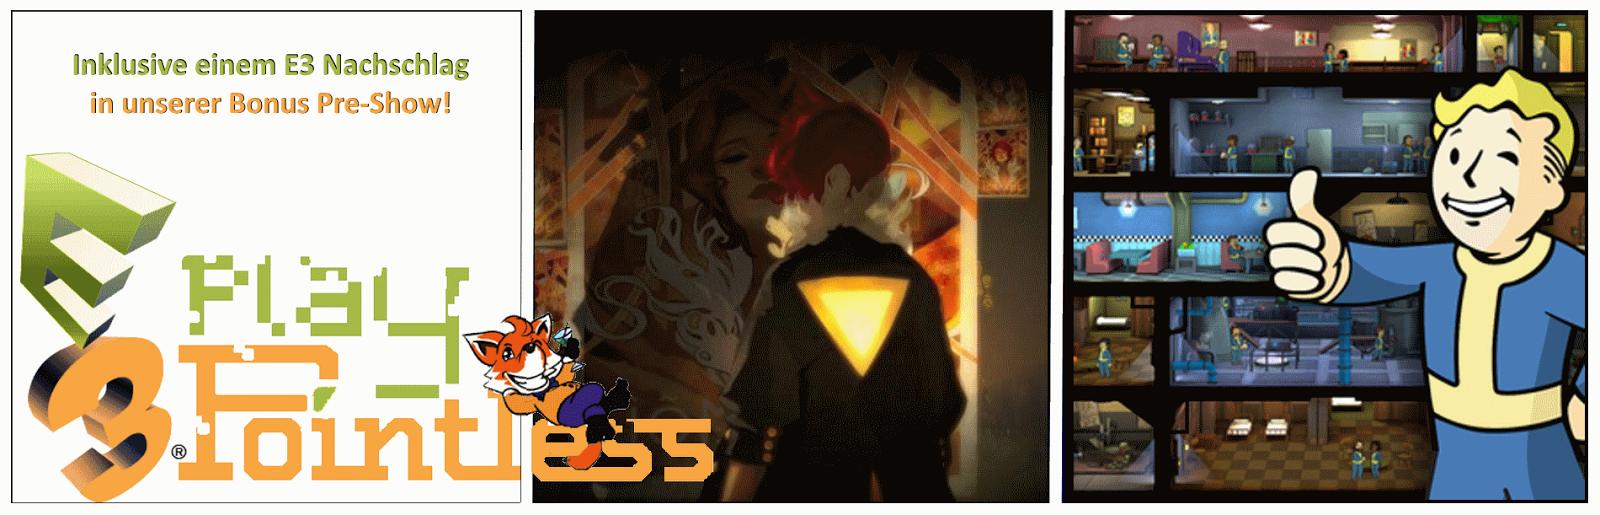 """PlayPointless Podcast – Ep.38 """"Hulululululululululululululu"""""""